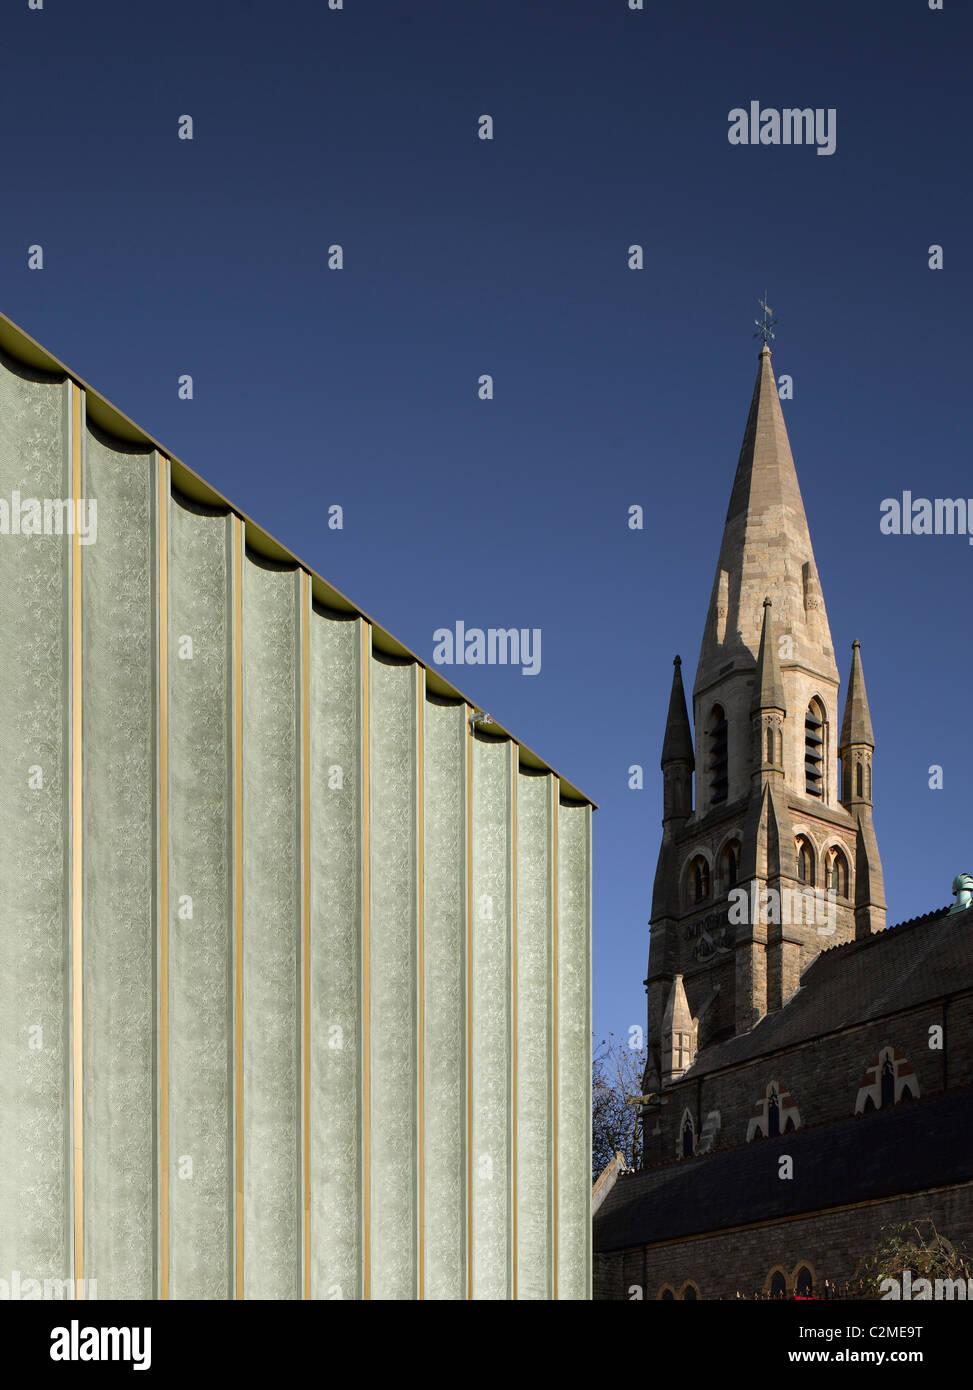 Contemporáneo de Nottingham, con fachada de telas de encaje la superficie de hormigón premoldeado inspirado Imagen De Stock